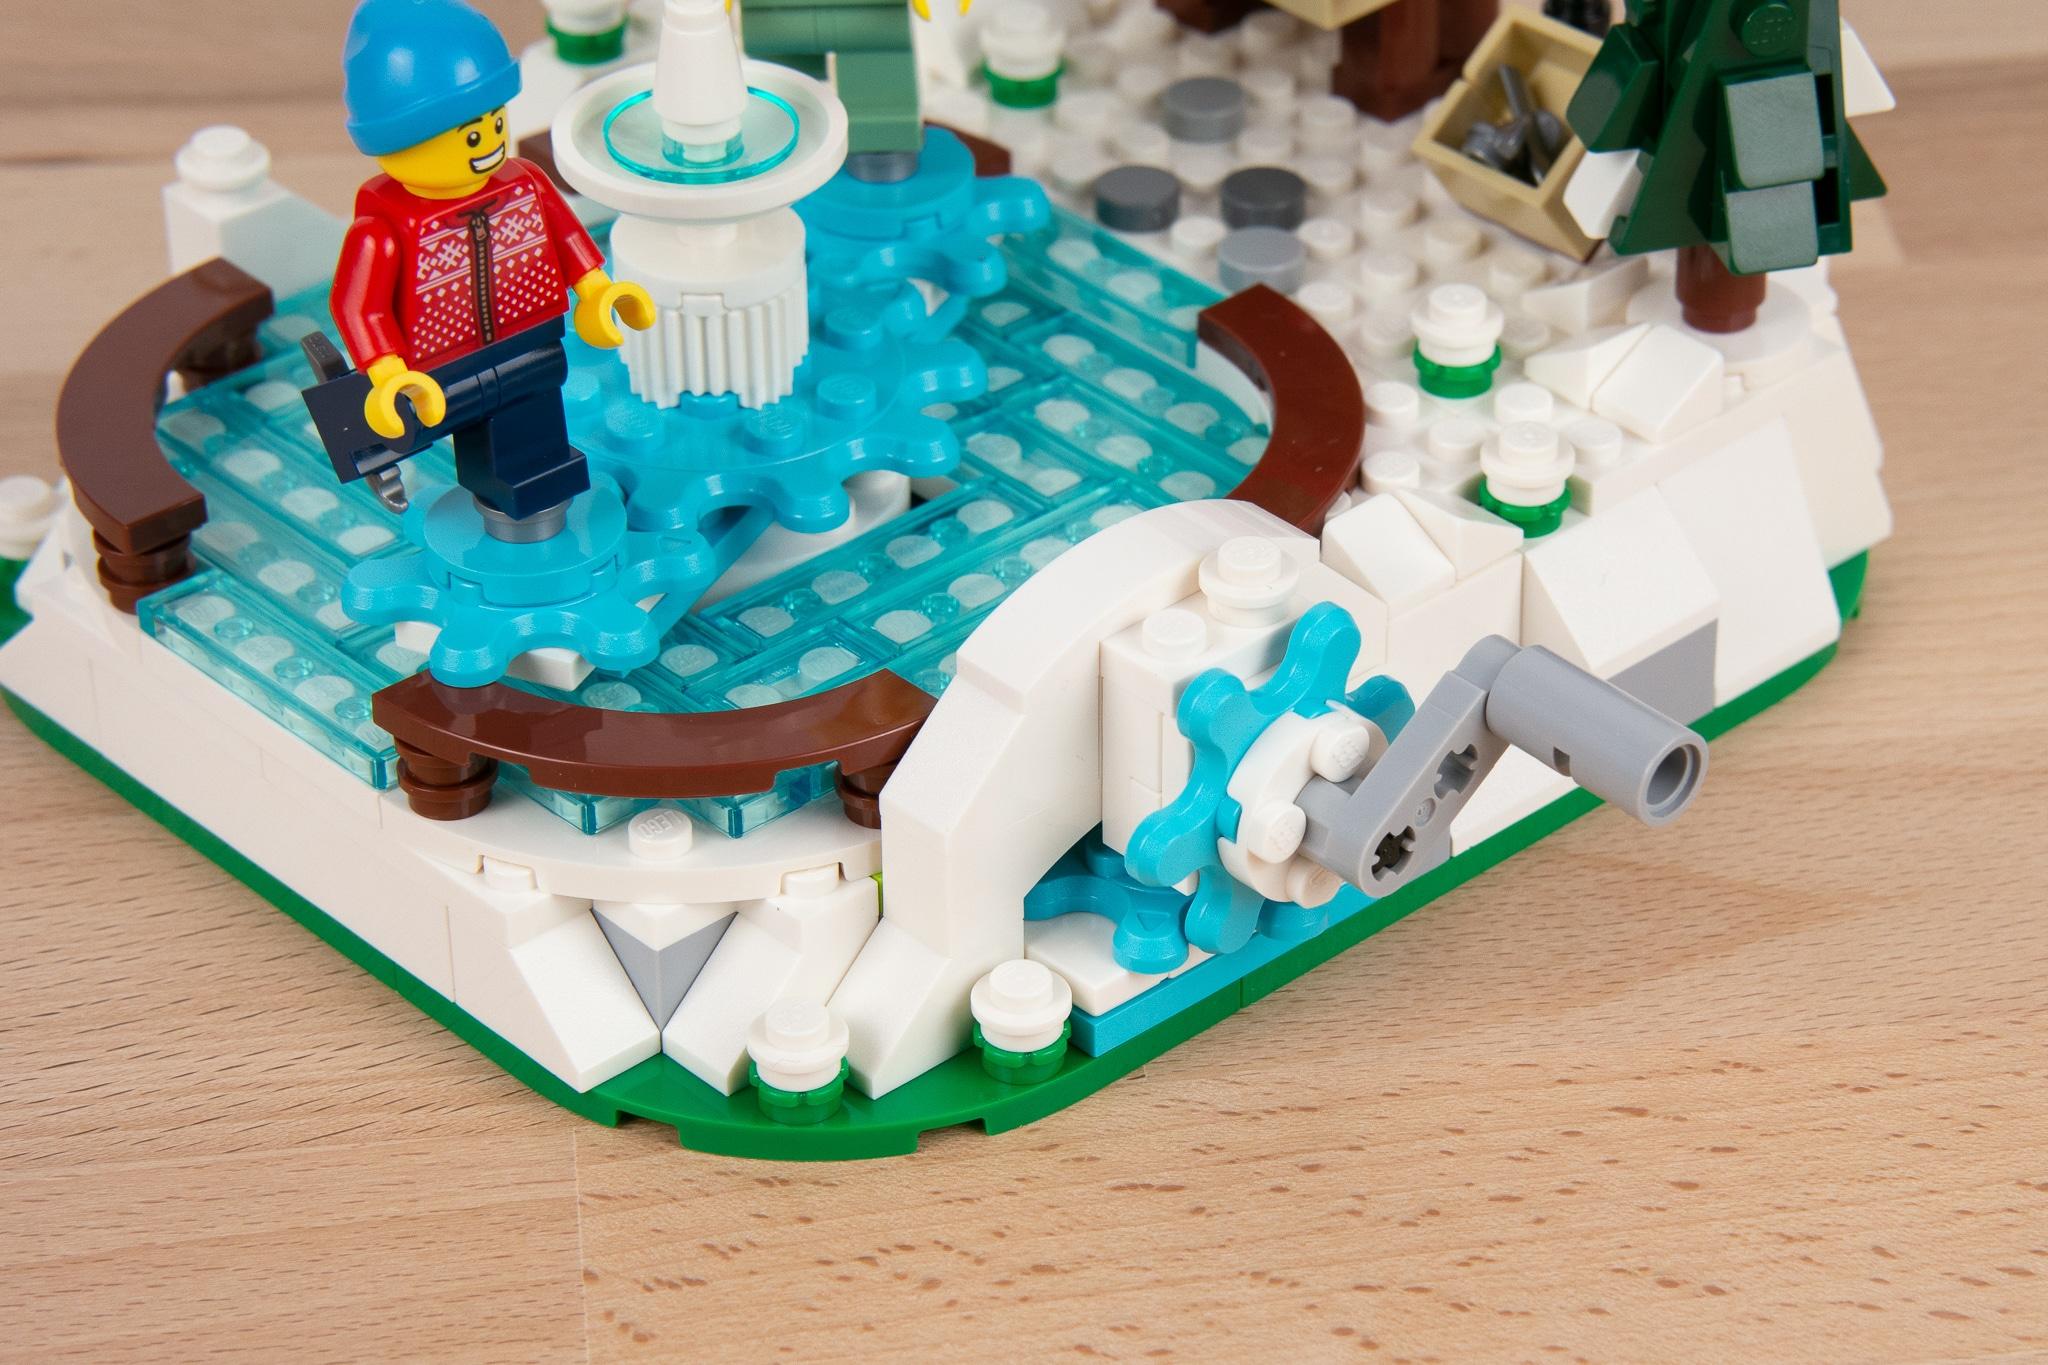 LEGO 40416 Eislaufplatz Stonewars Review (28)